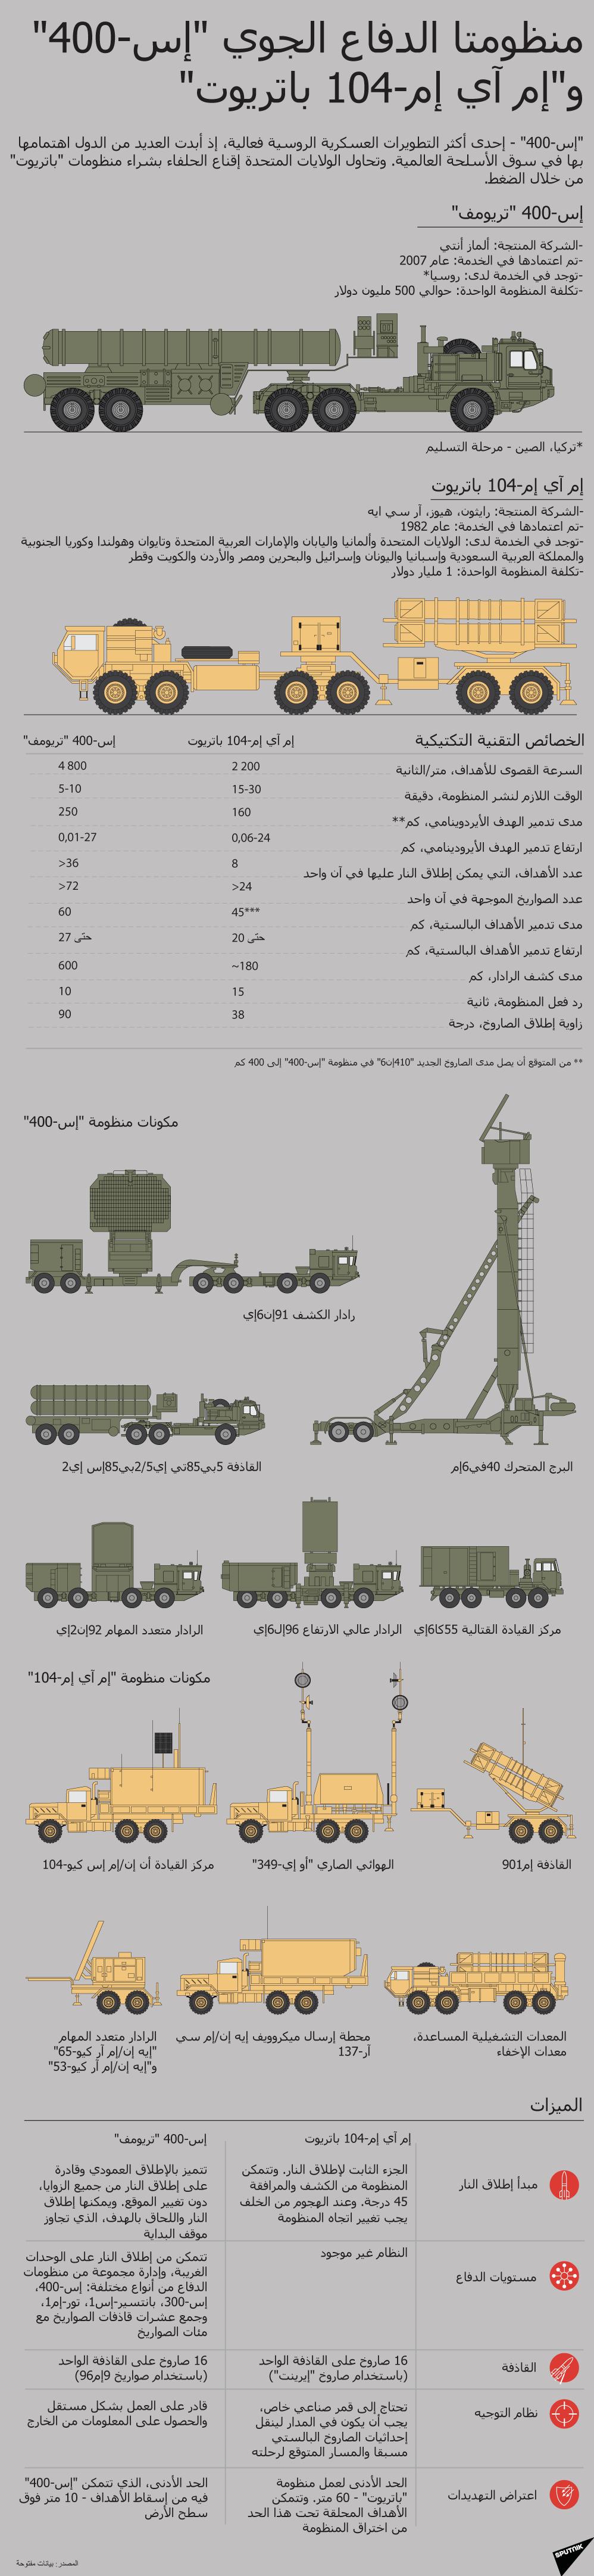 إنفوجرافيك - منظومتا الدفاع الجوي إي-400 تريومف  وإم آي إم-104 باتريوت انفوجرافيك